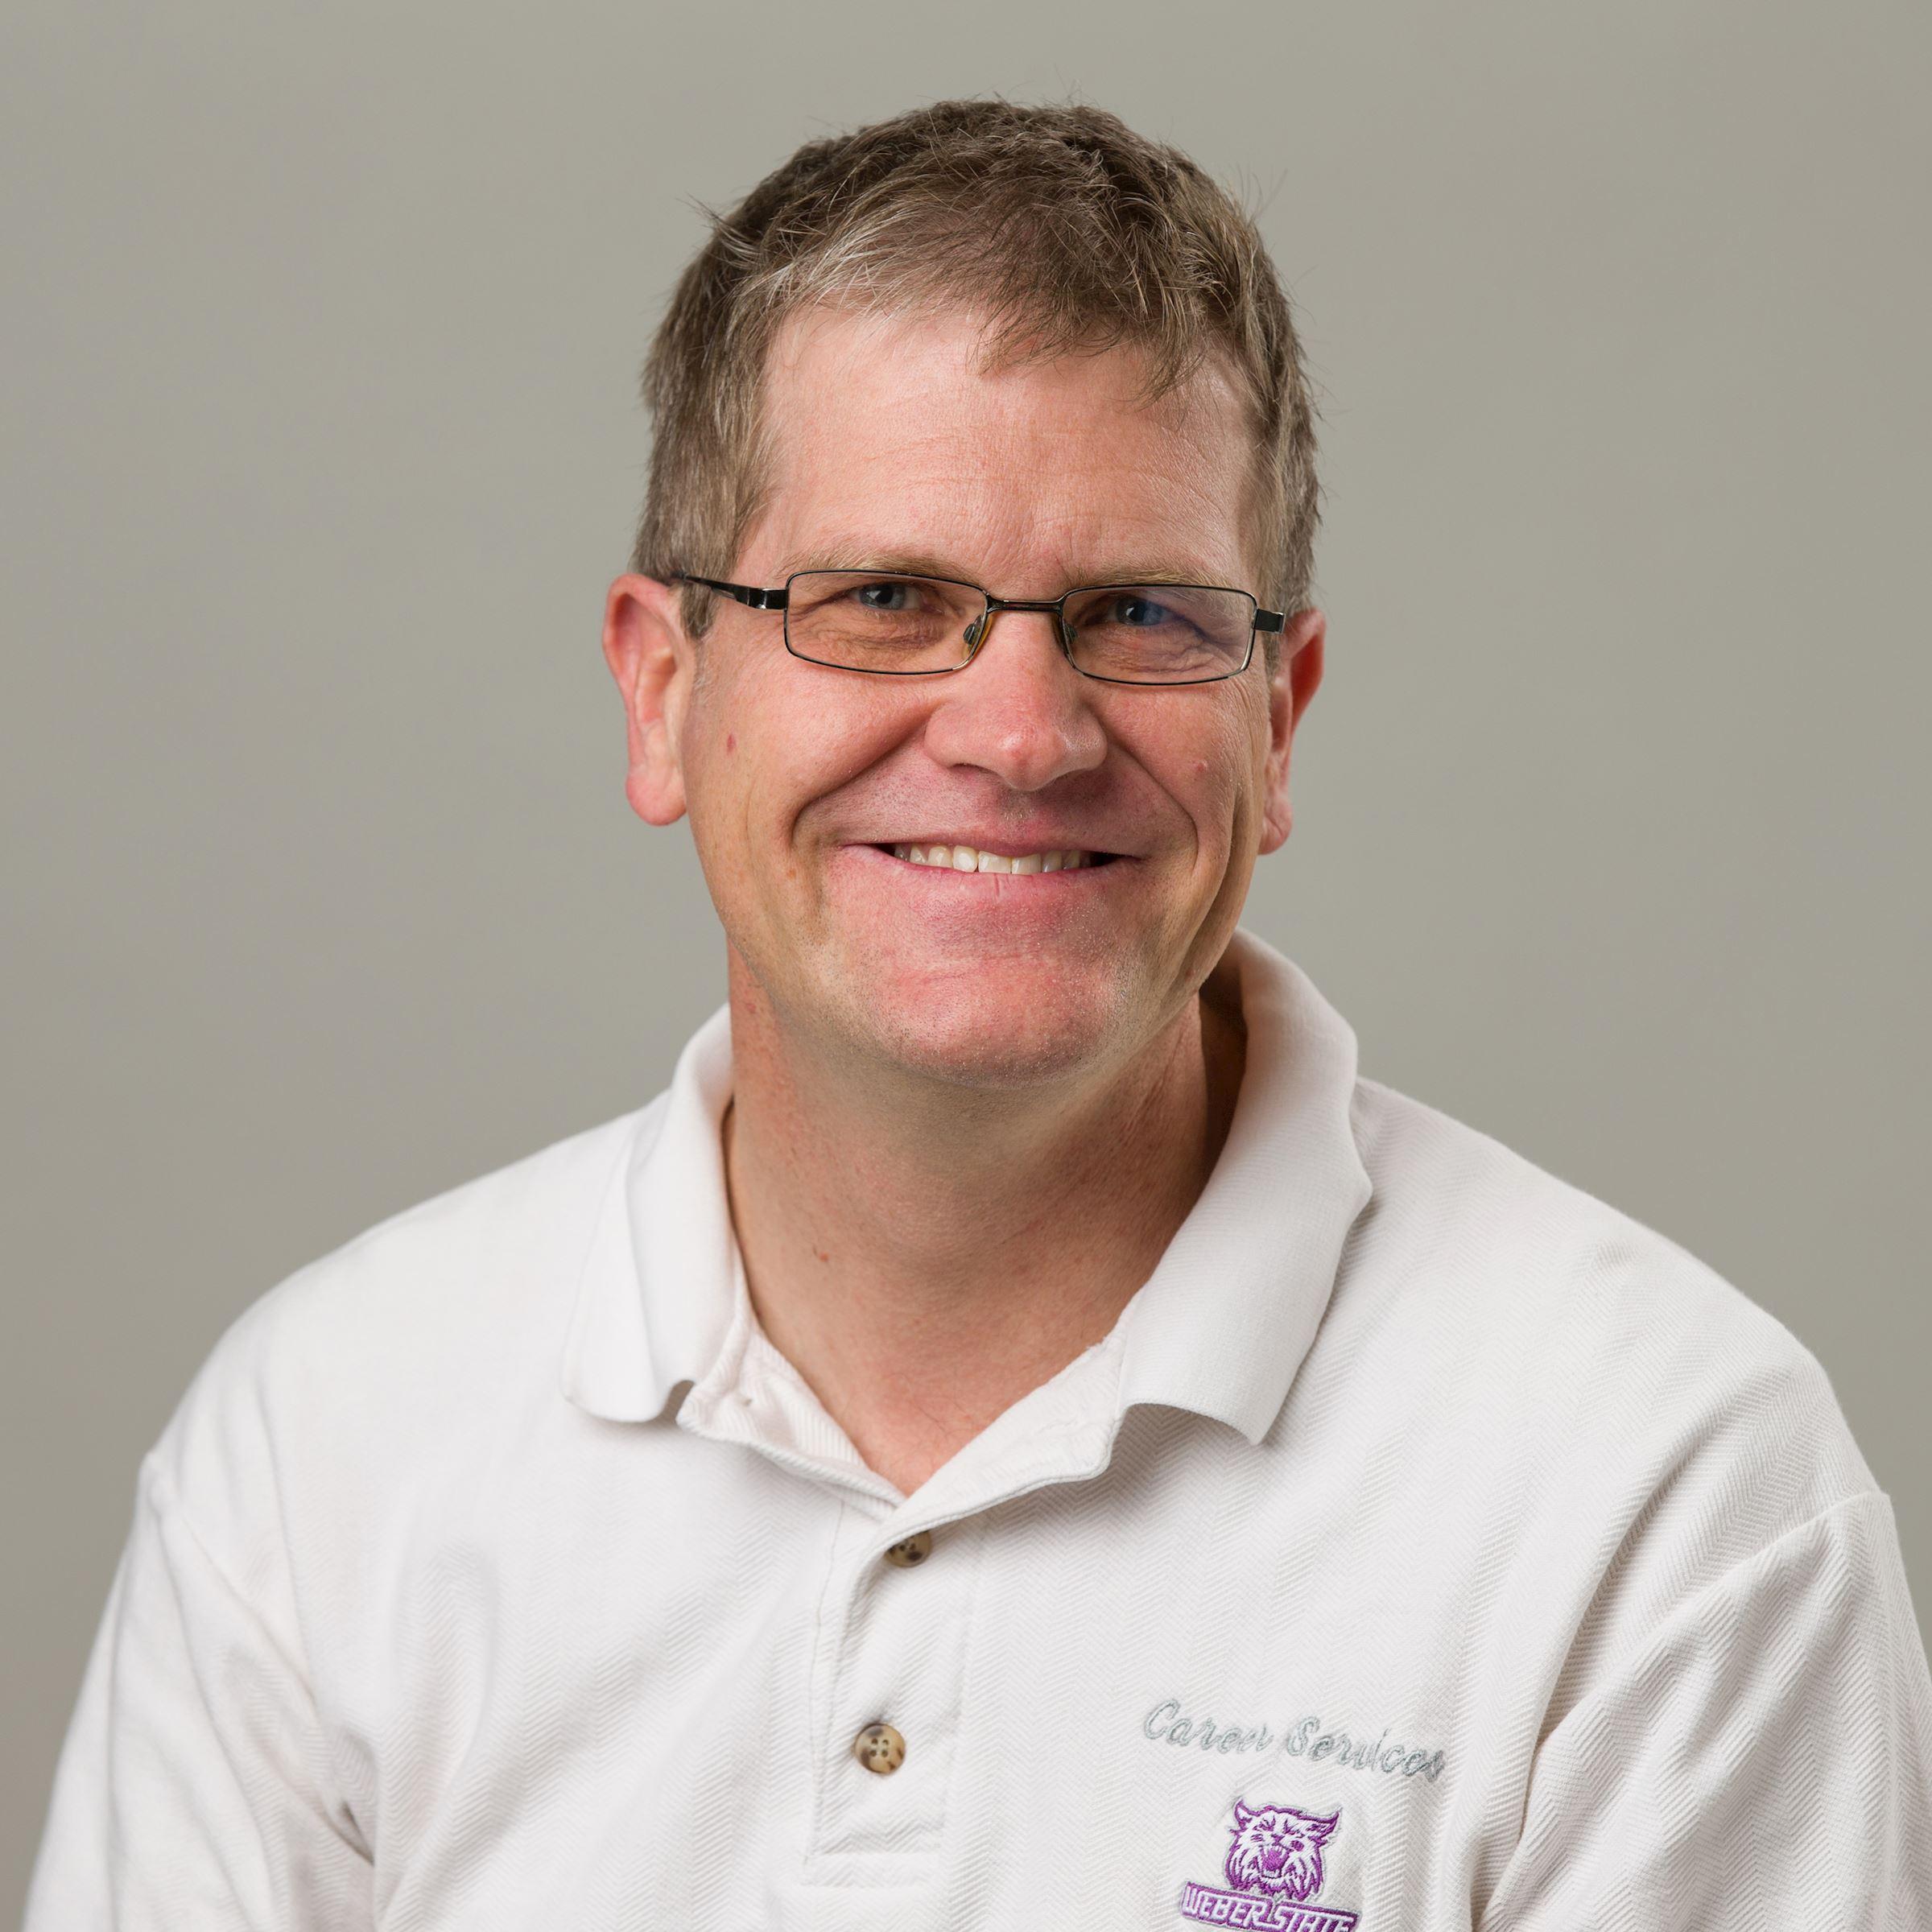 Greg Nielsen